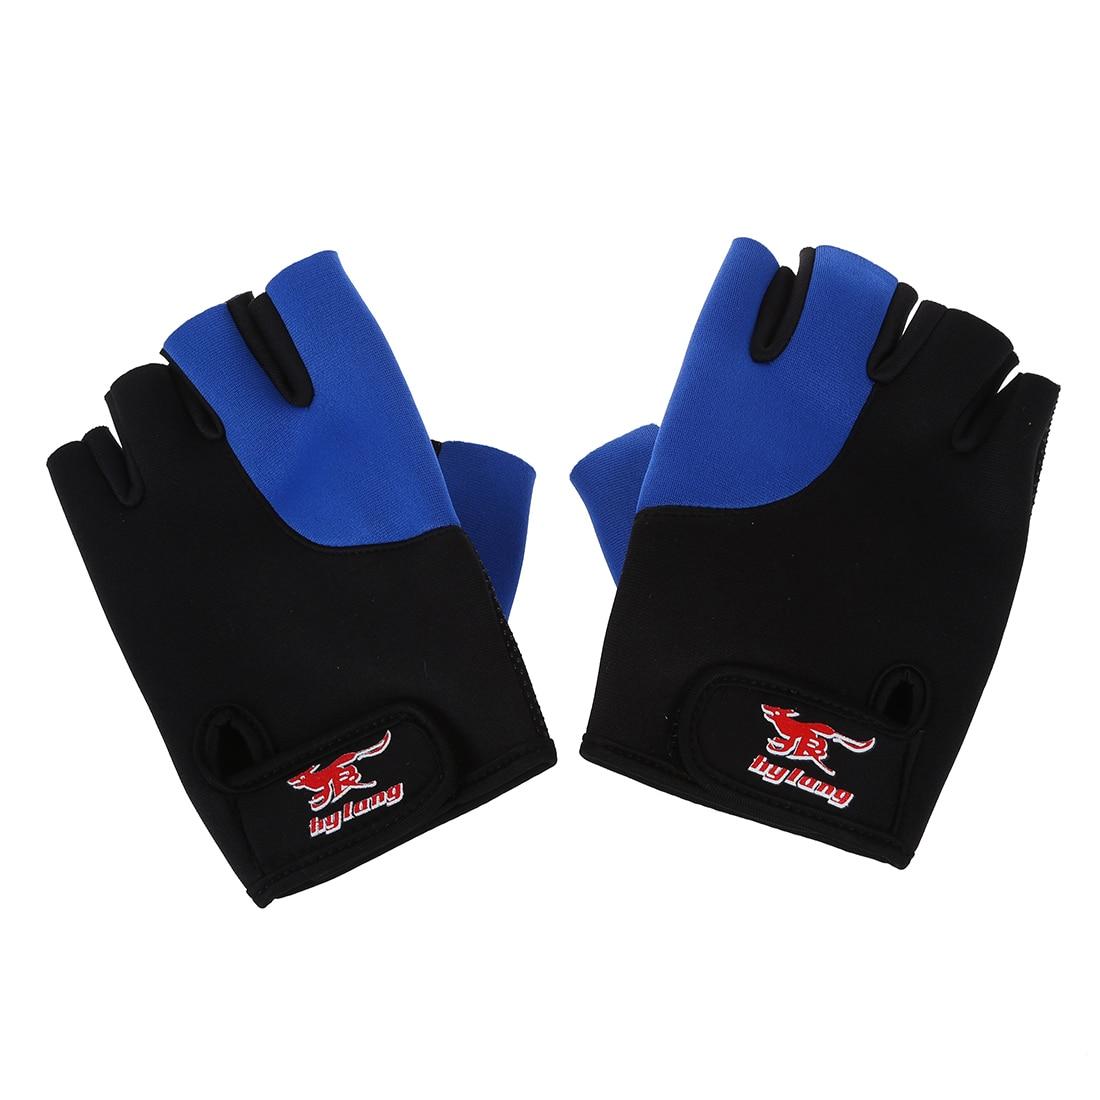 New 2 Pcs Black Blue Neoprene Fingerless Sports Gloves for Men